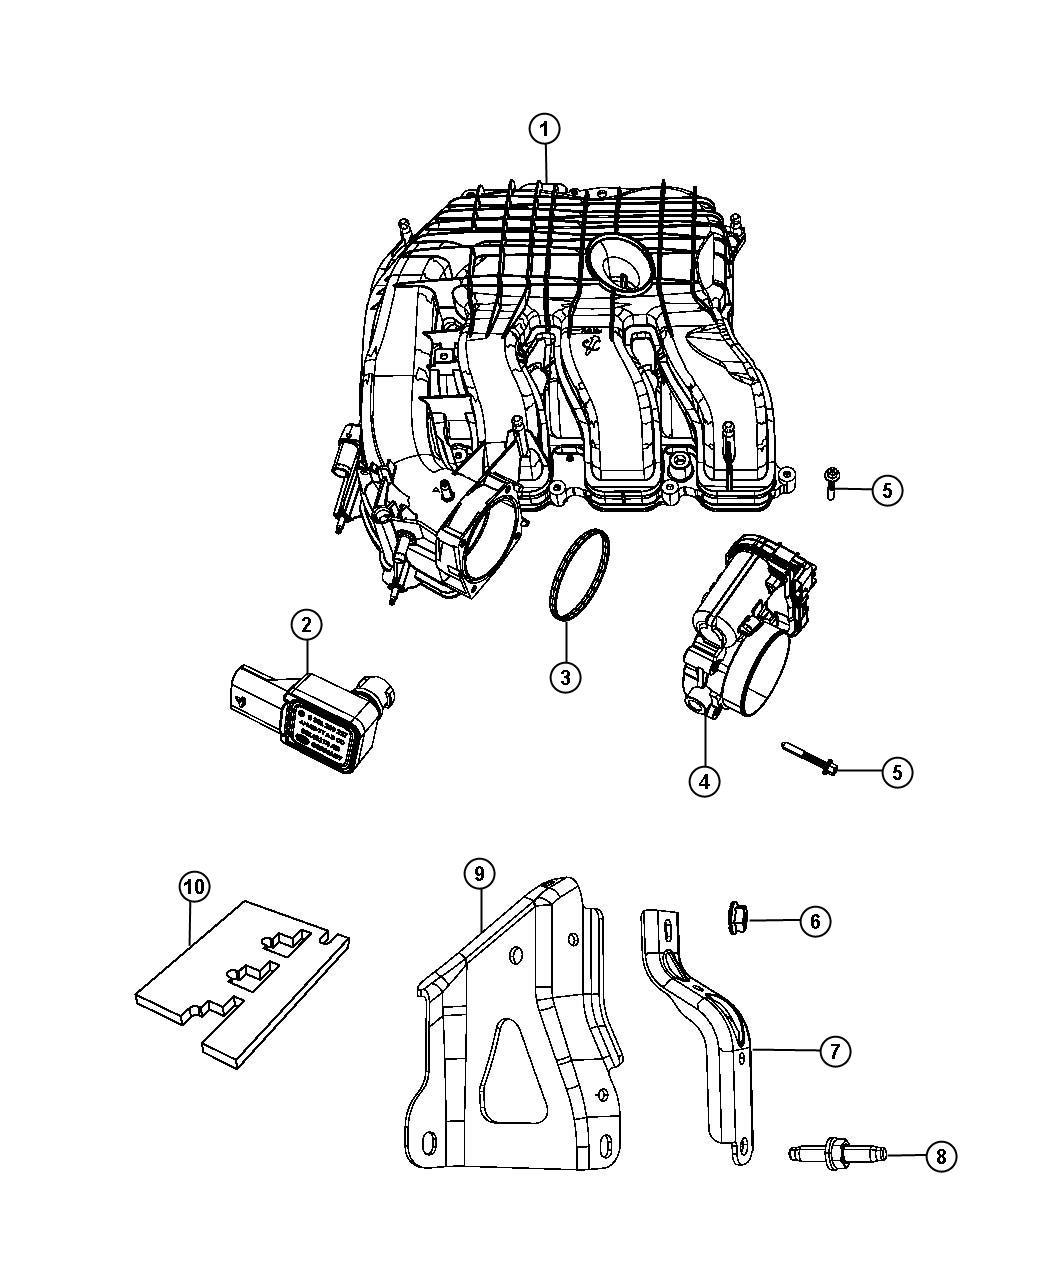 Dodge Durango Sxt 3 6l V6 Throttle Body 3 6l V6 Vvt